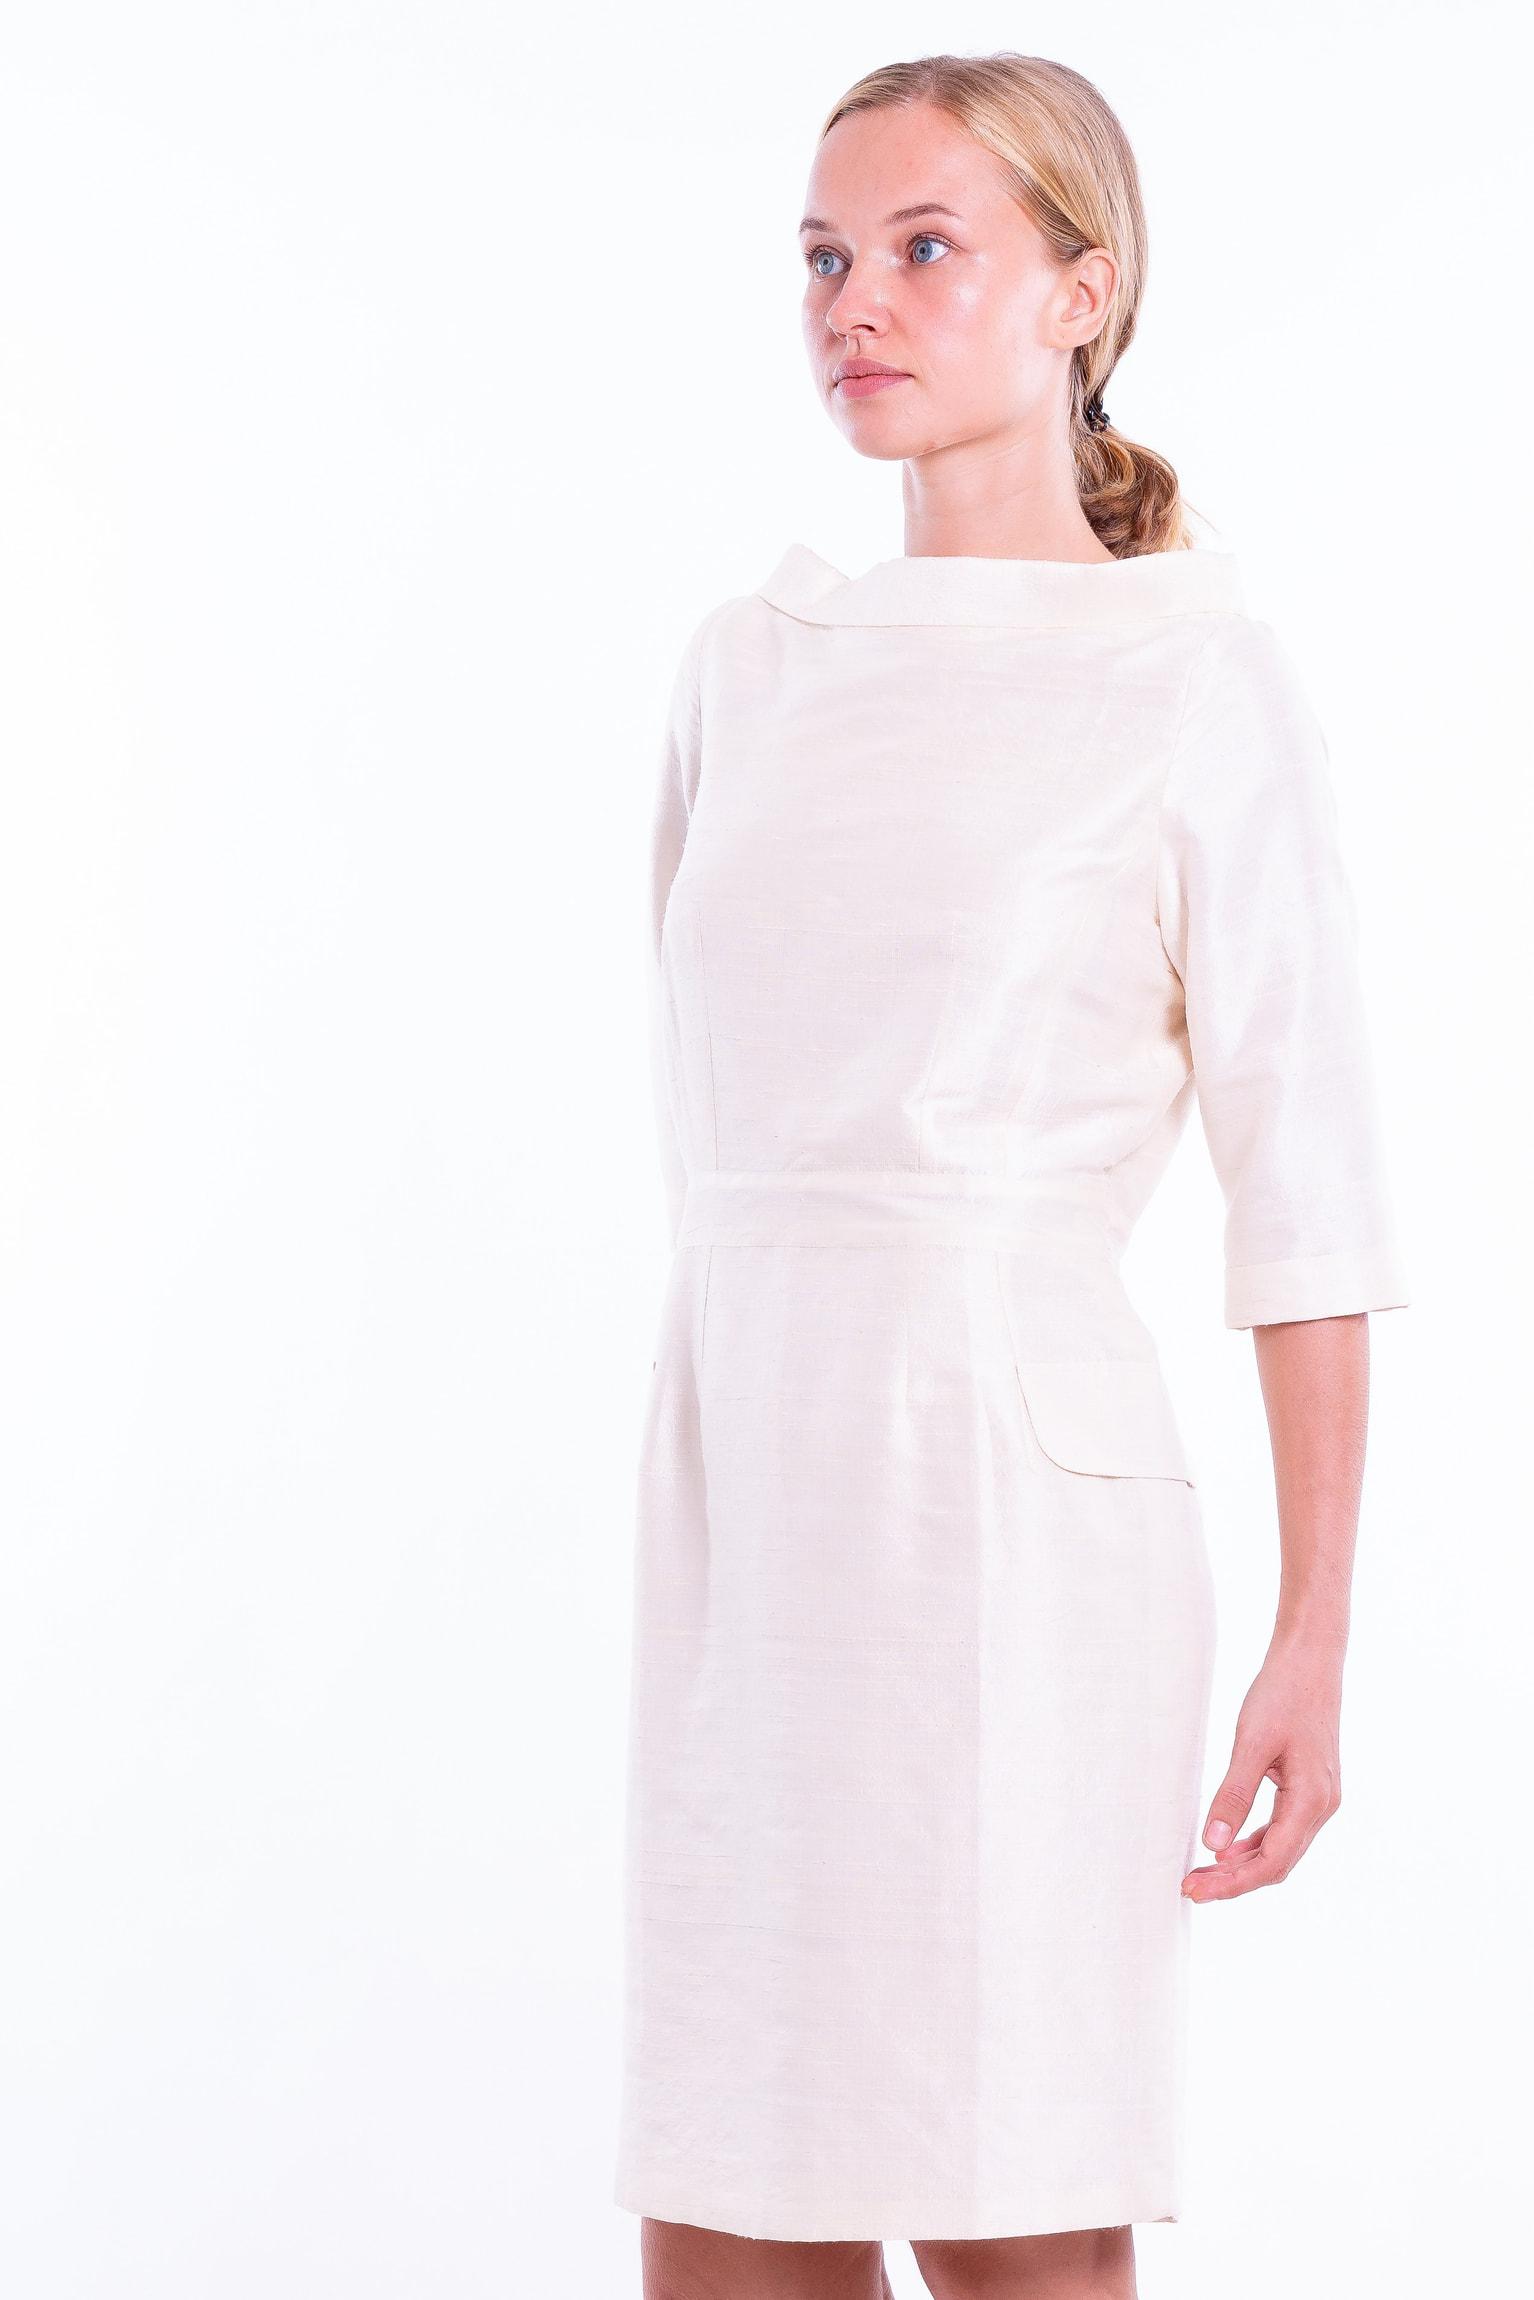 robe en soie sauvage couleur ivoire, entièrement doublée en soie et coton, esprit vintage, jupe droite, ceinture cousue